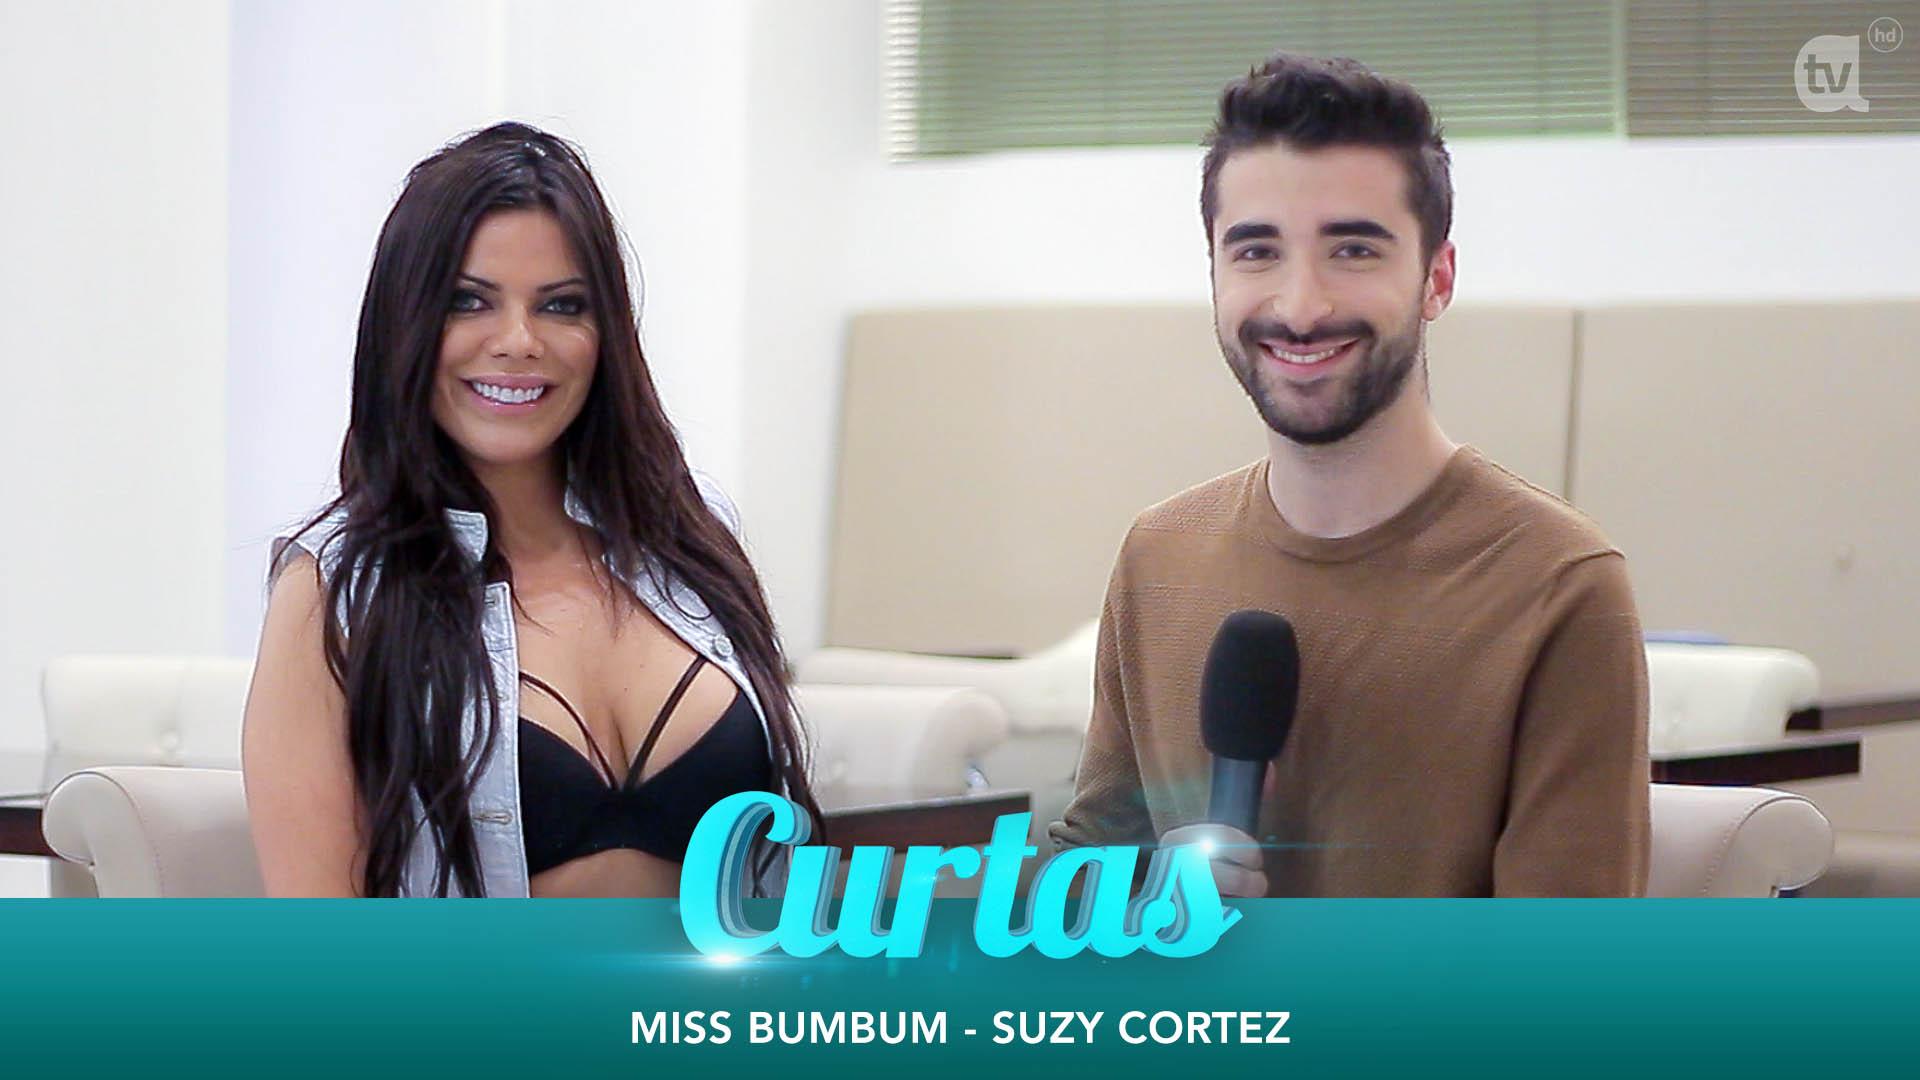 19 Curtas Curtas - Suzy Cortez, Miss Bumbum 2015